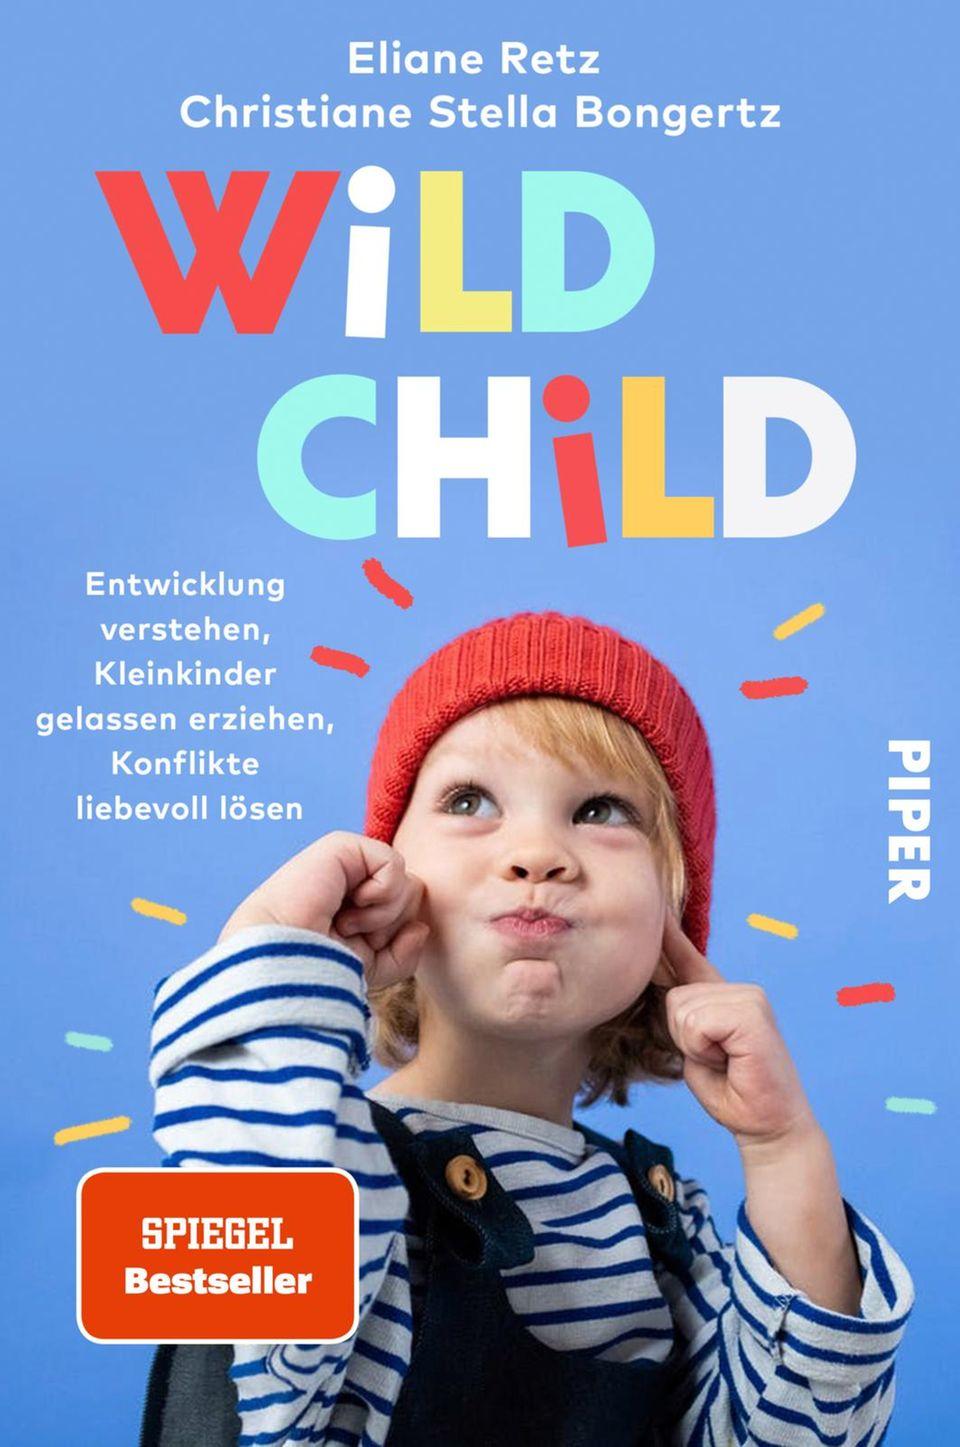 Wild Child von Eliane Retz und Christiane Stella Bongertz Buchcover